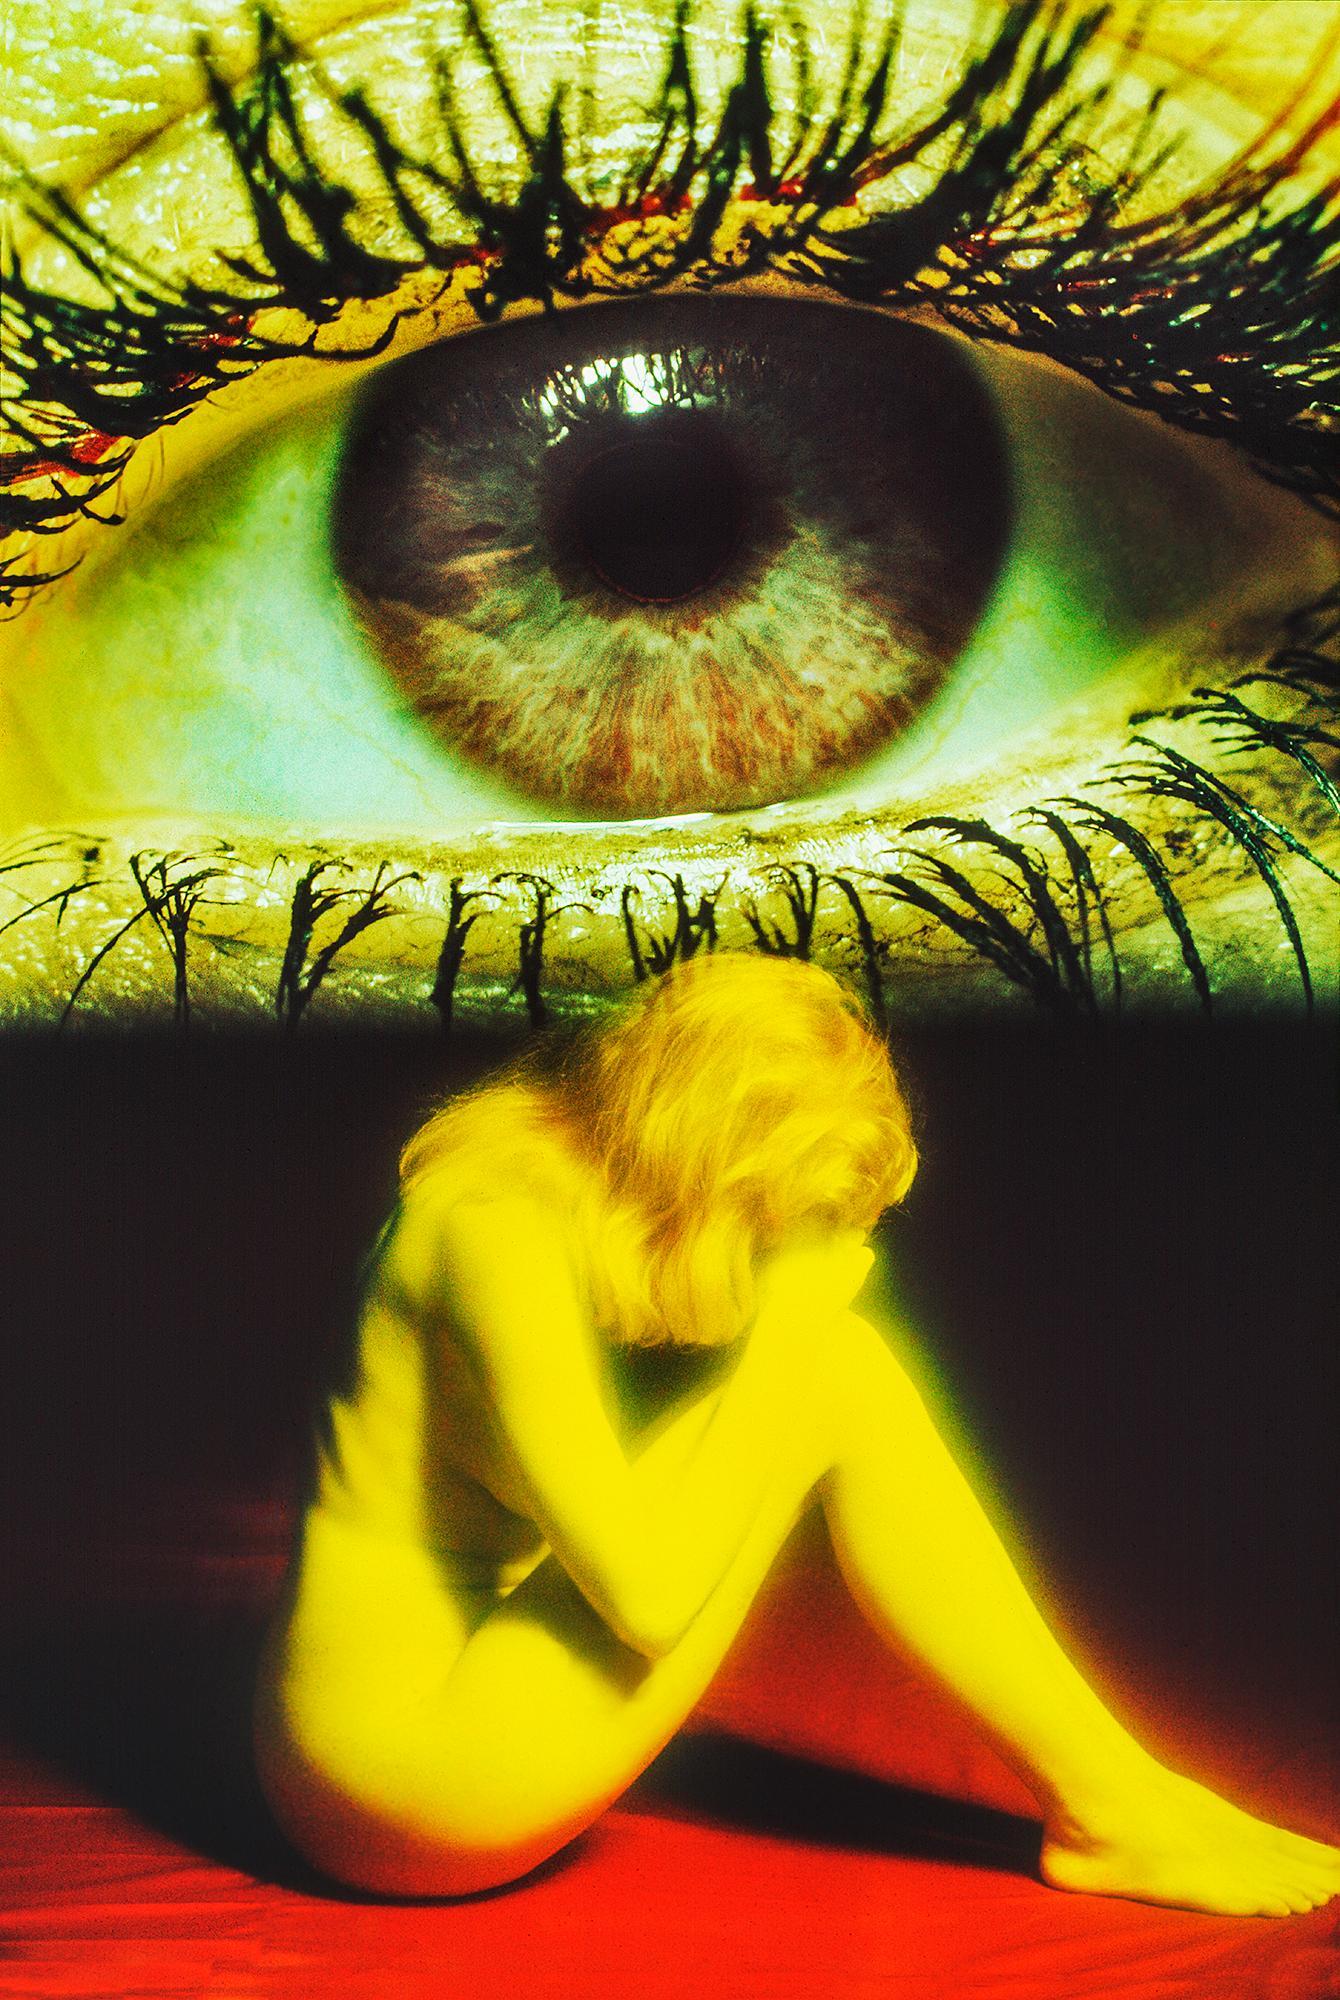 Surreal Yellow Nude with Eye